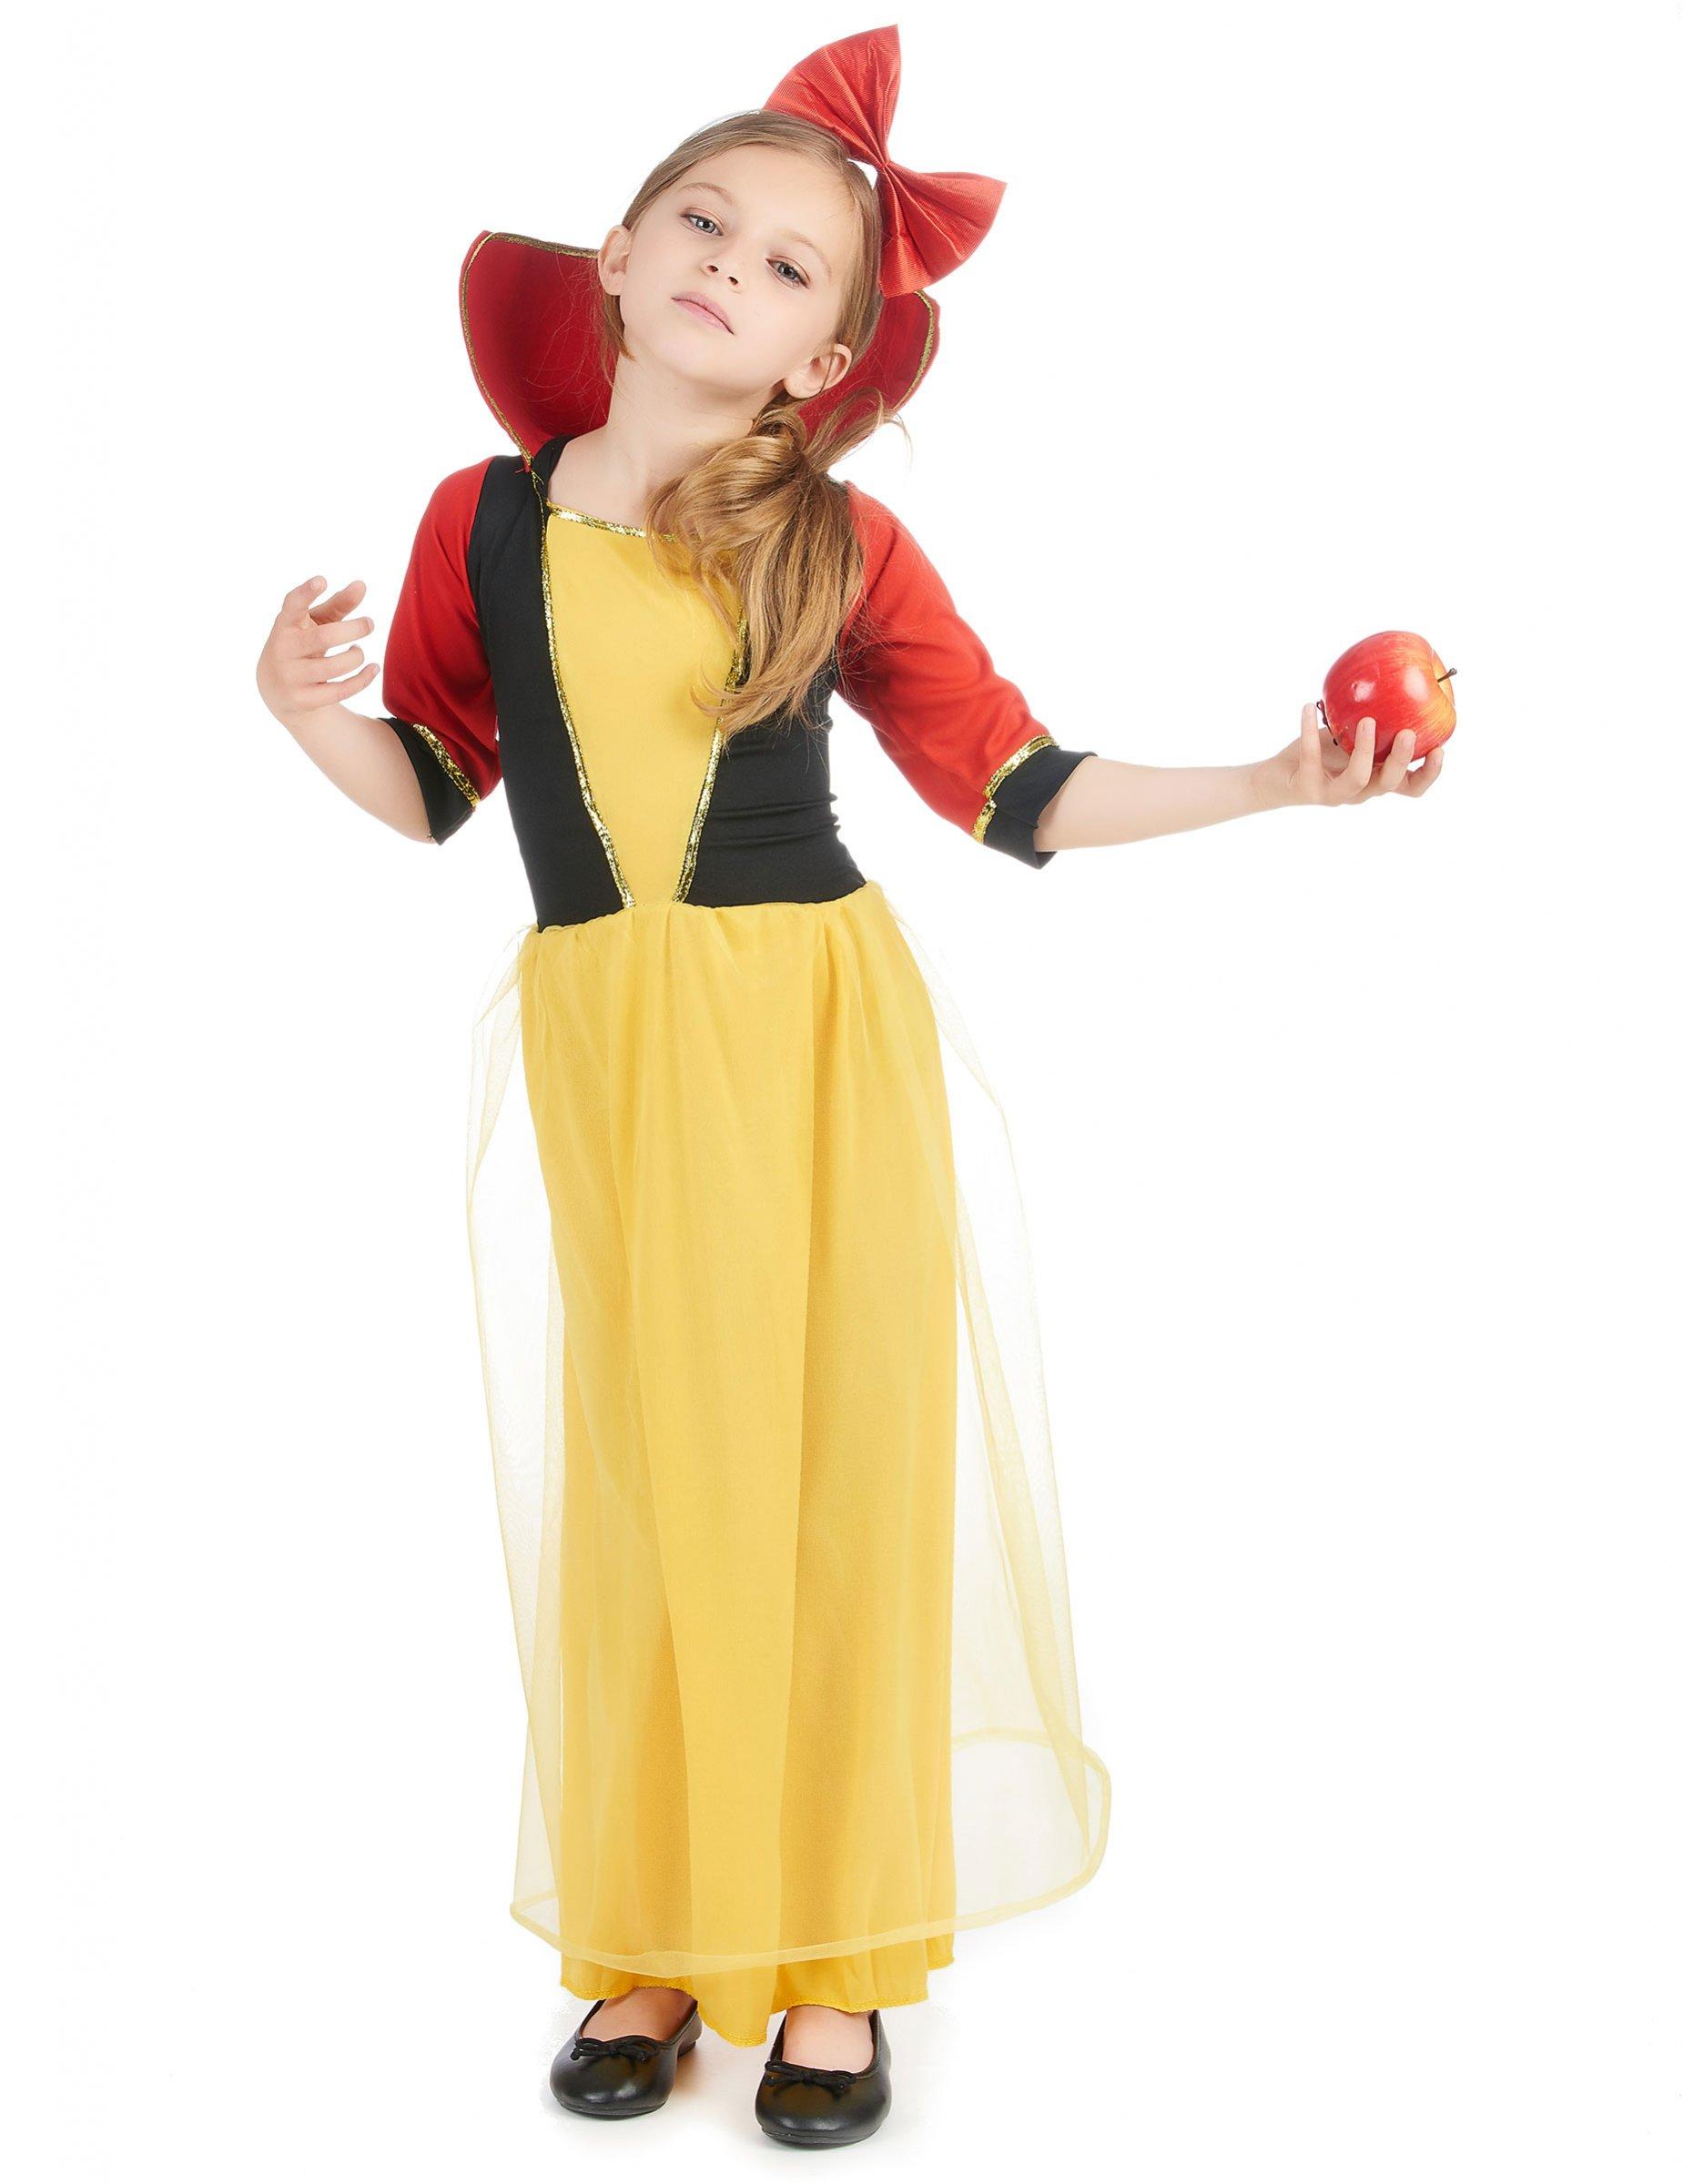 D guisement princesse des neiges fille d coration anniversaire et f tes th me sur vegaoo party - Deguisement fille princesse ...